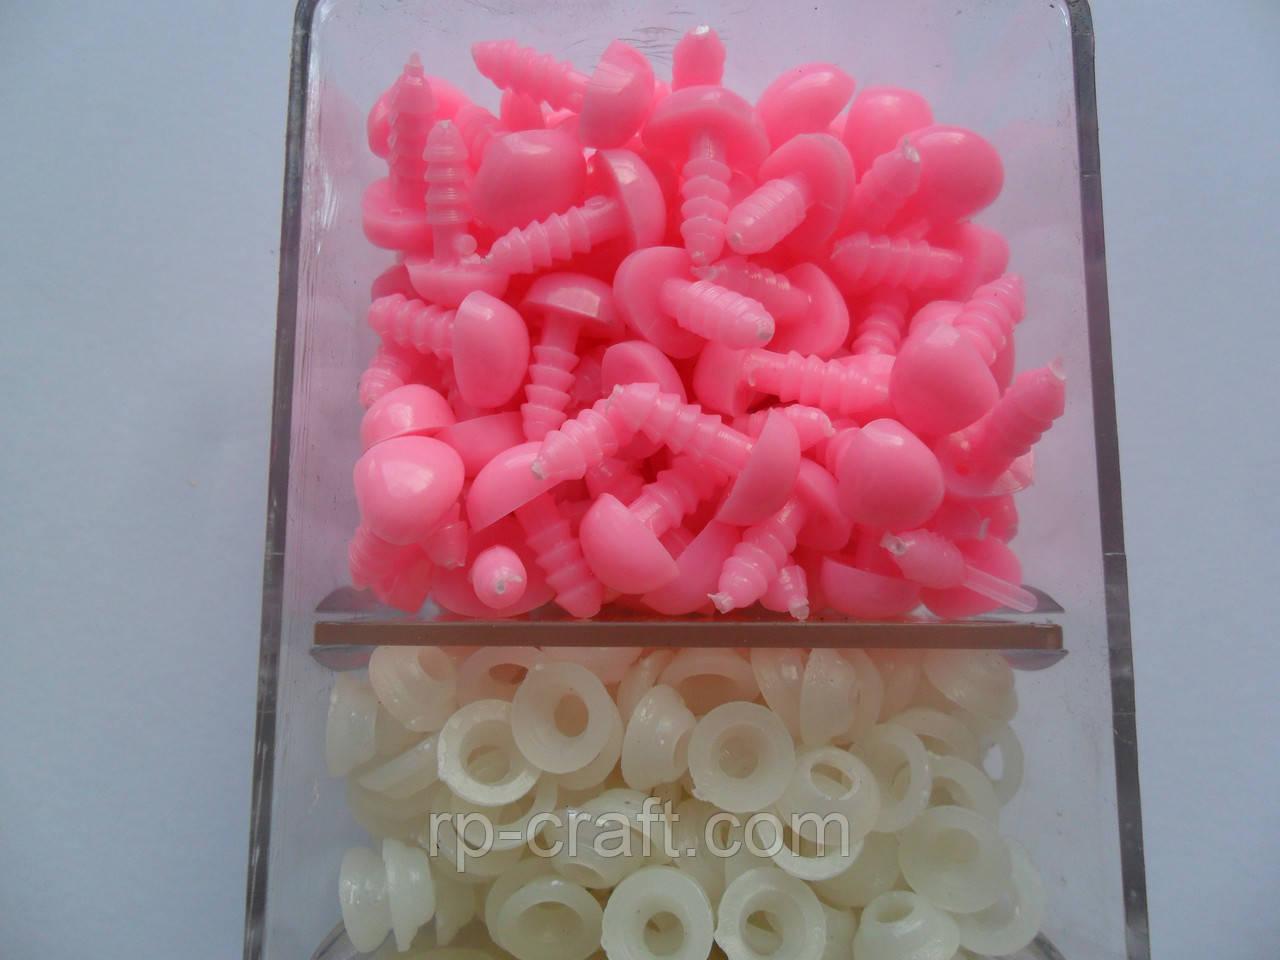 Носик рожевий для іграшок, 6х9 мм